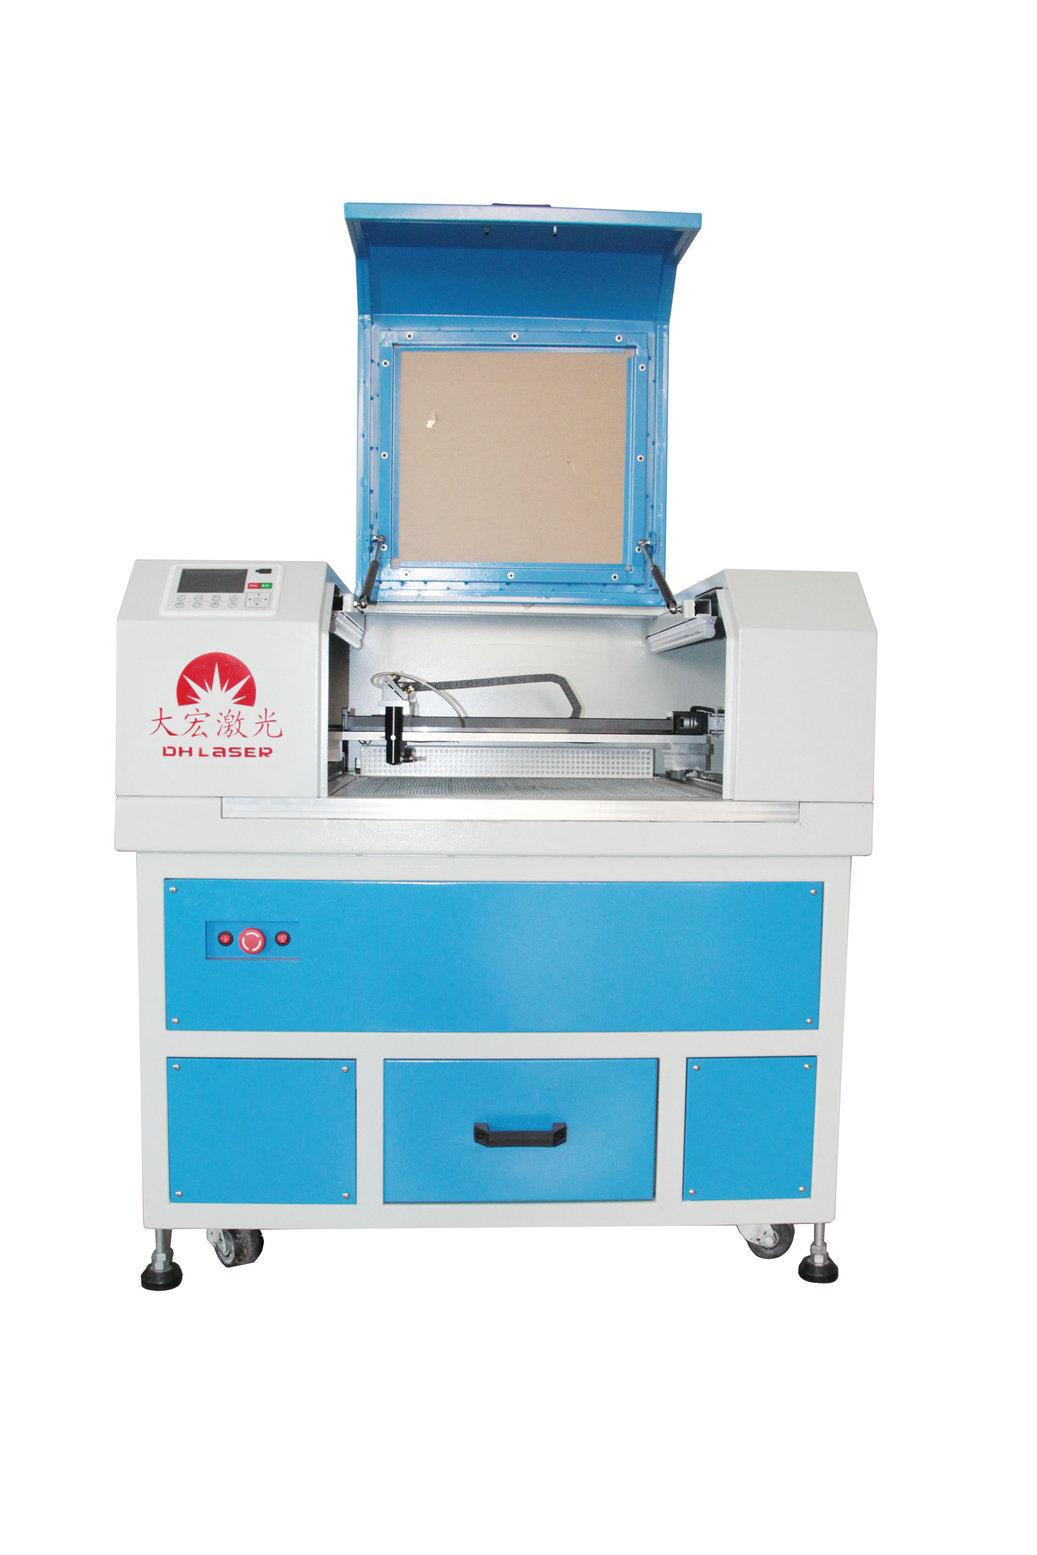 双面胶激光切割机